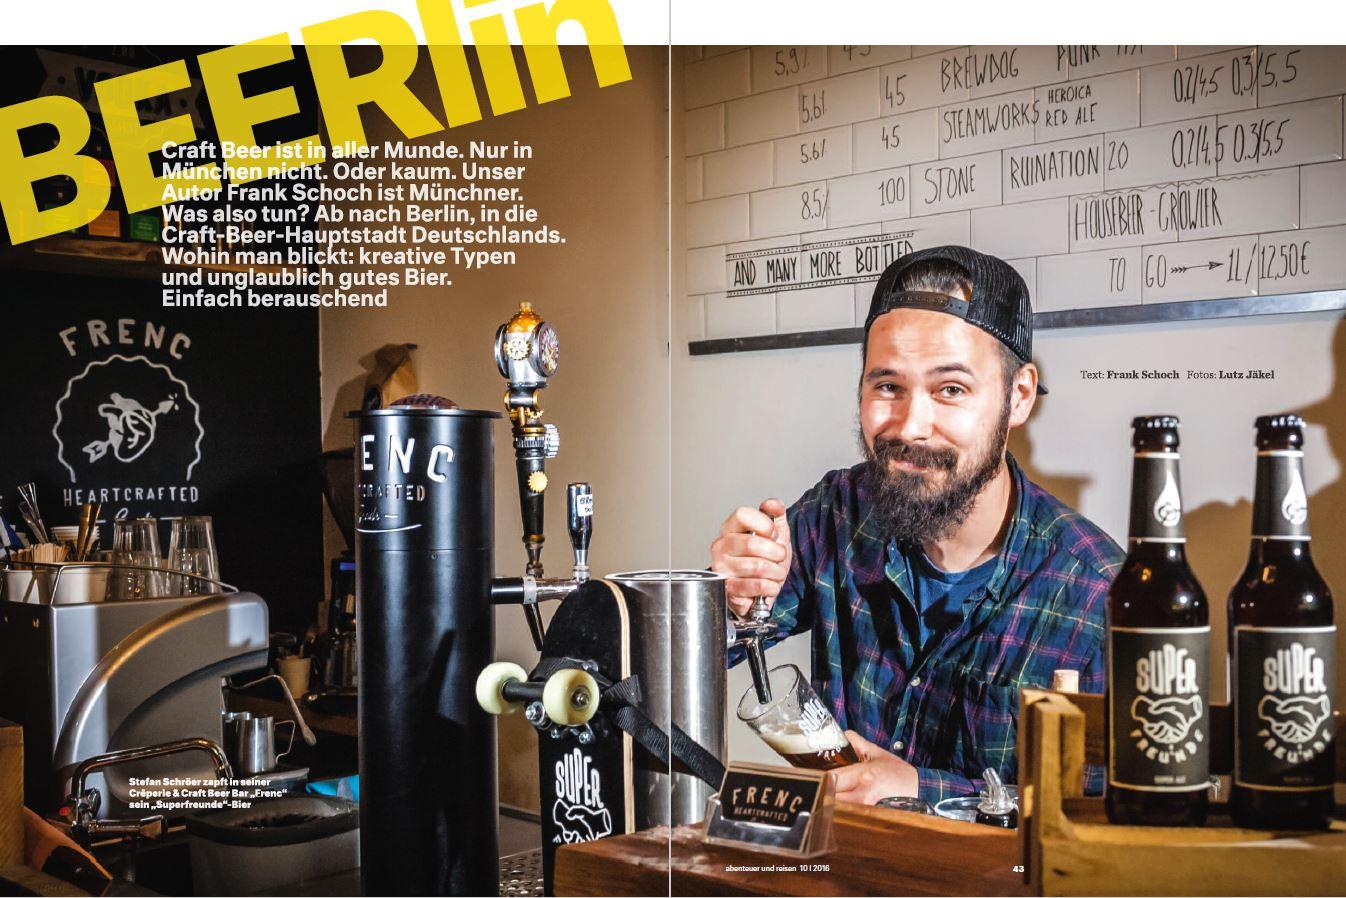 Berlin – Craft Beer